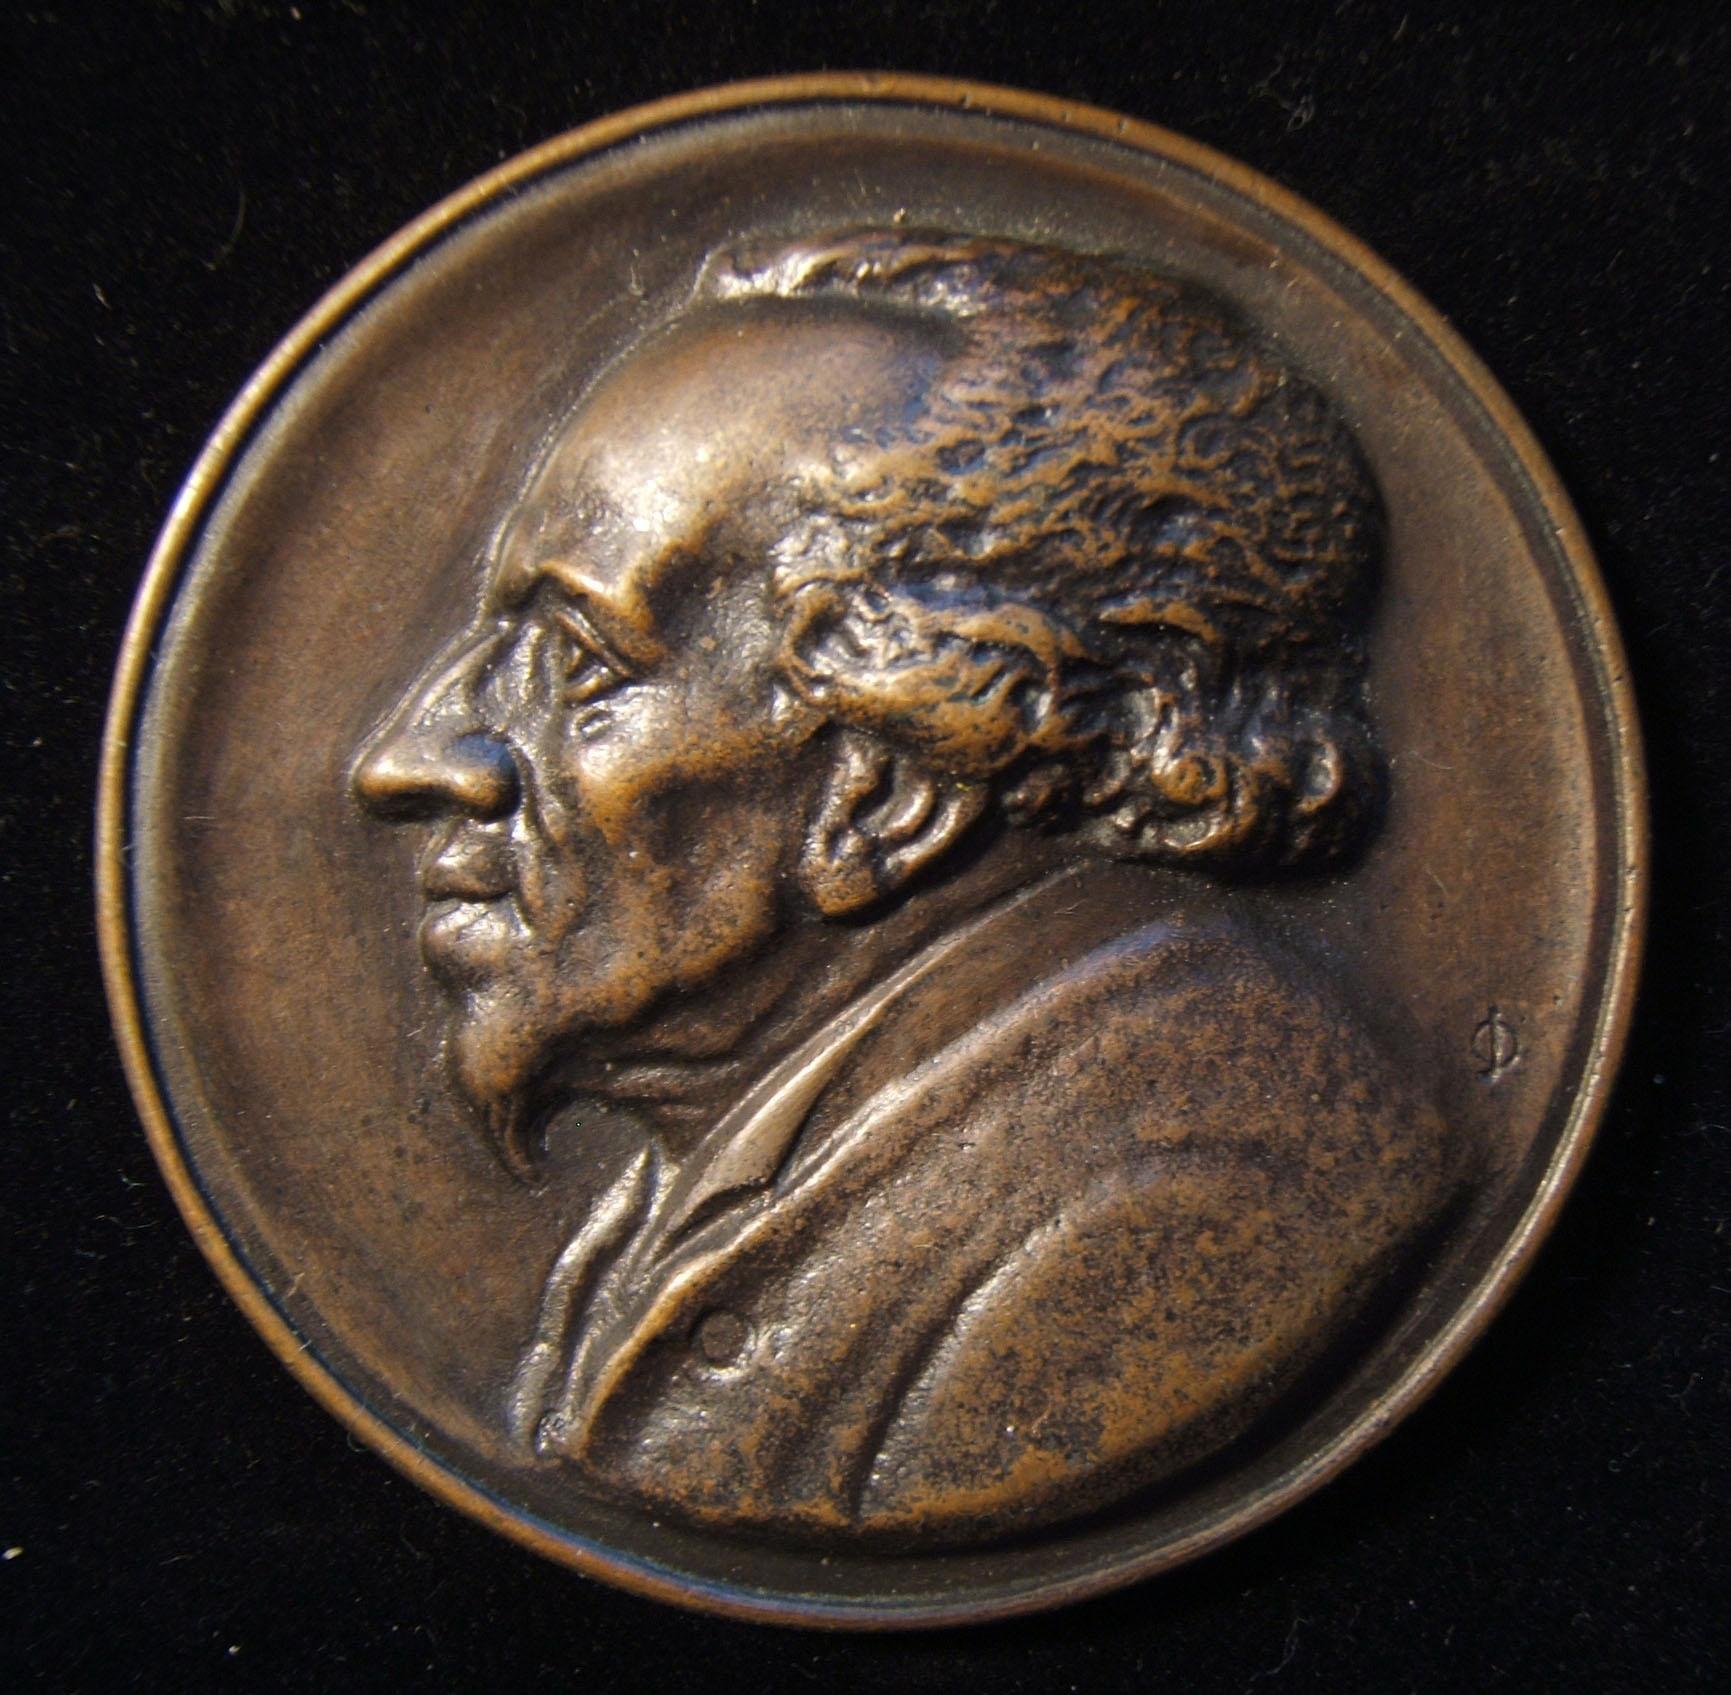 מנדלסון, גרמניה, מדליית הקלה בגודל בינוני מדליית יודאיקה מאת רוברט בול